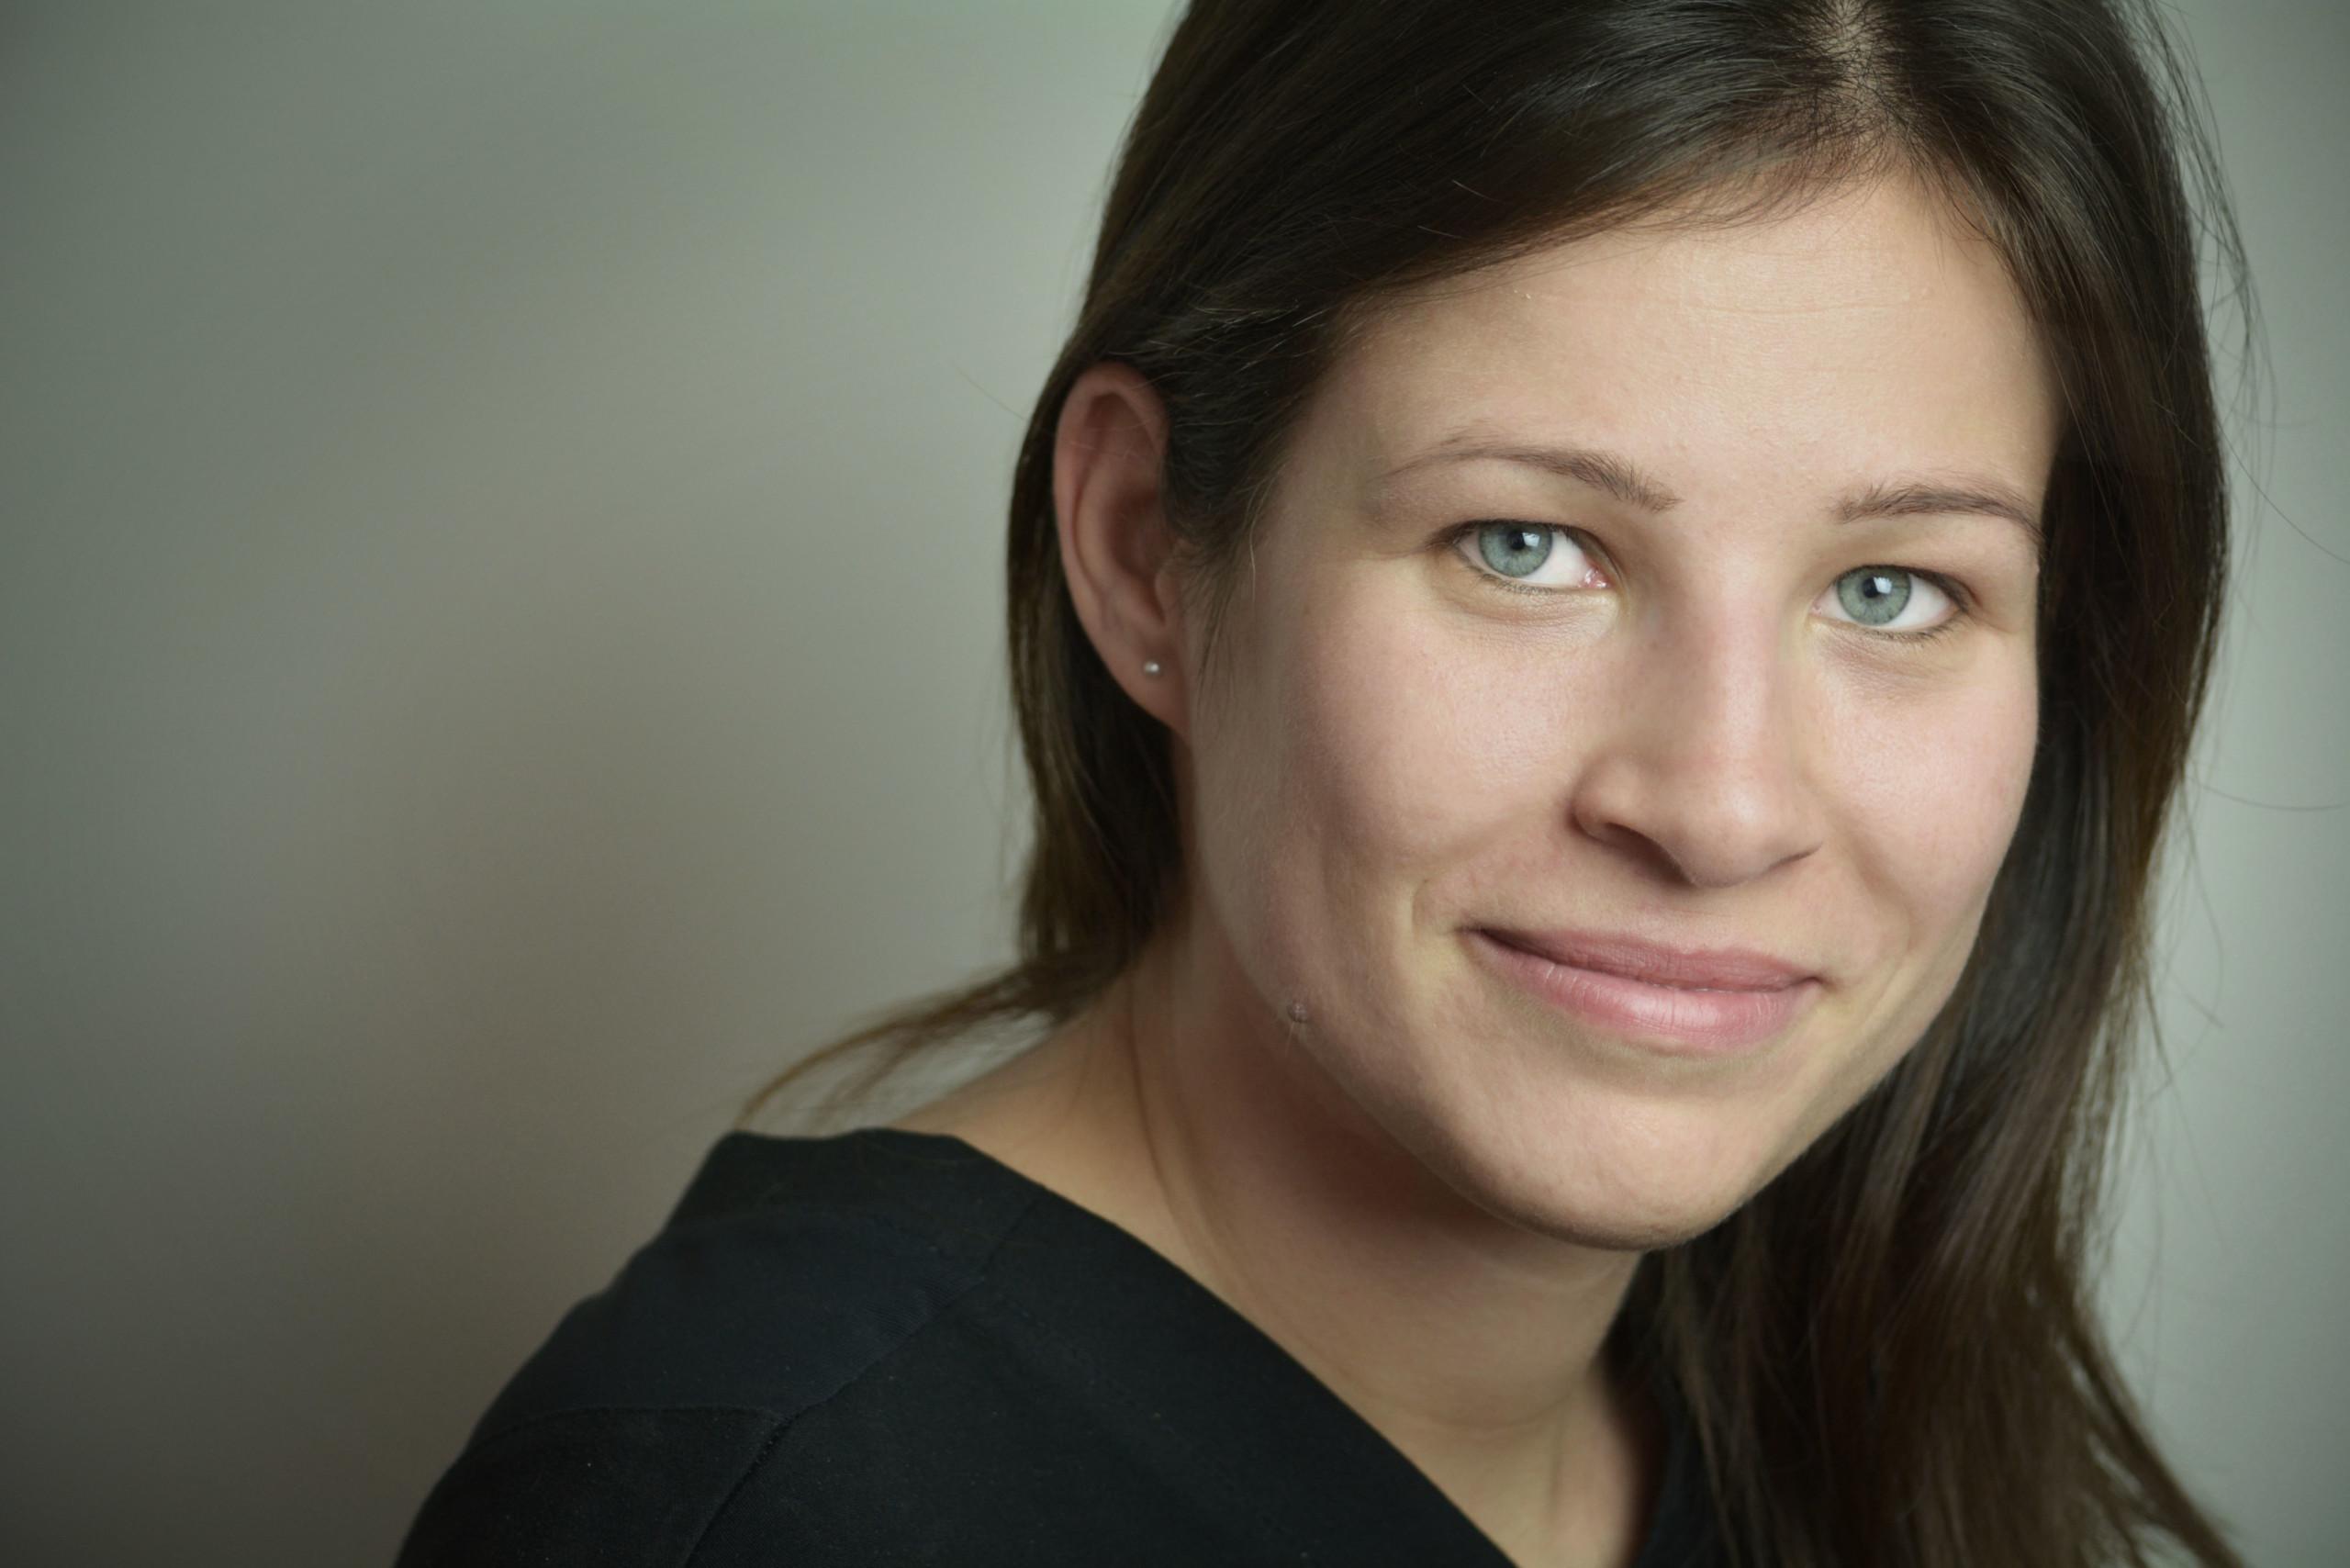 Agnieszka Krawiec